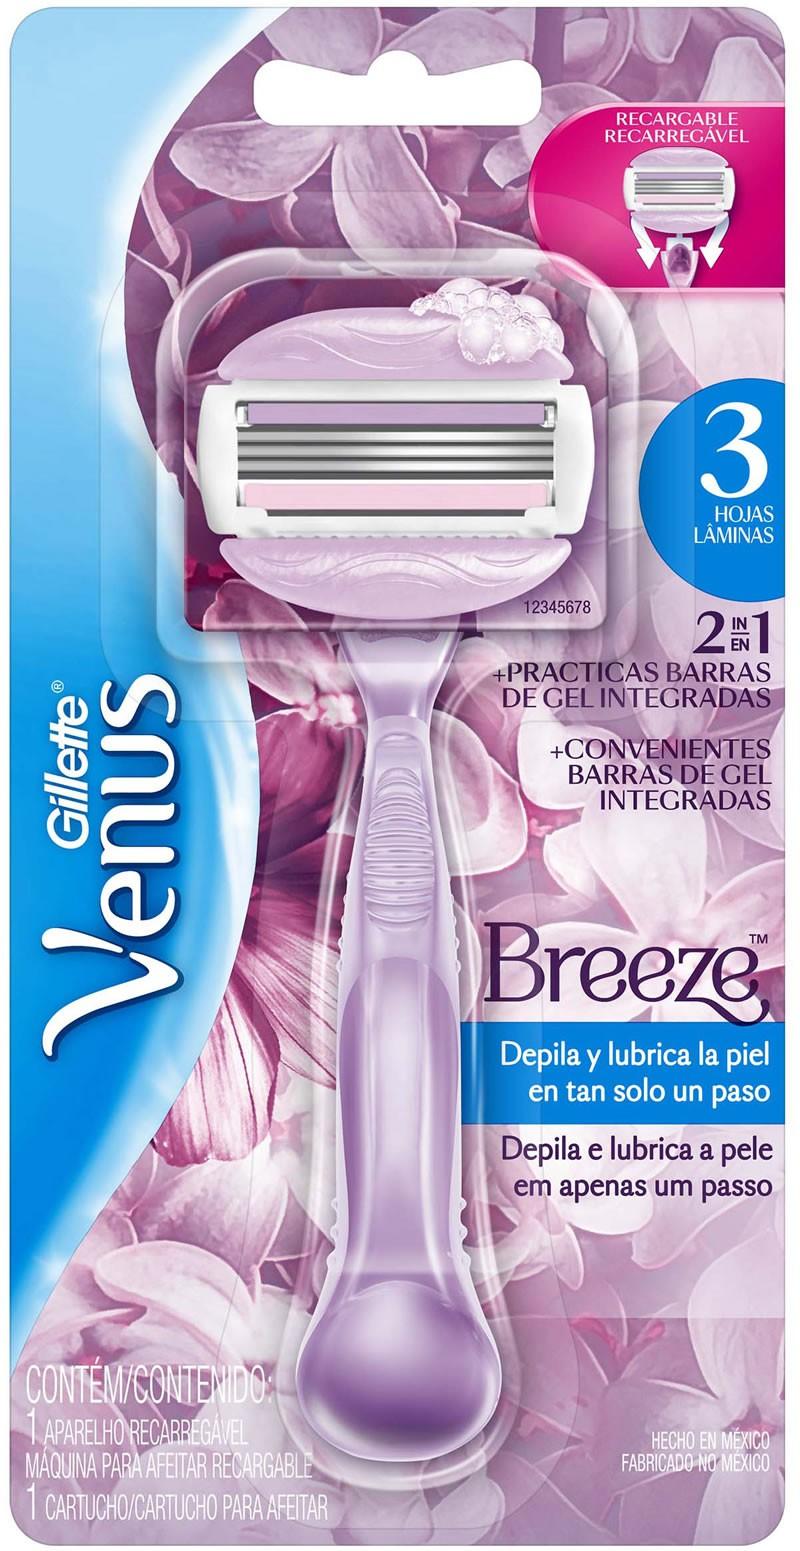 7506339315479-venus-breeze